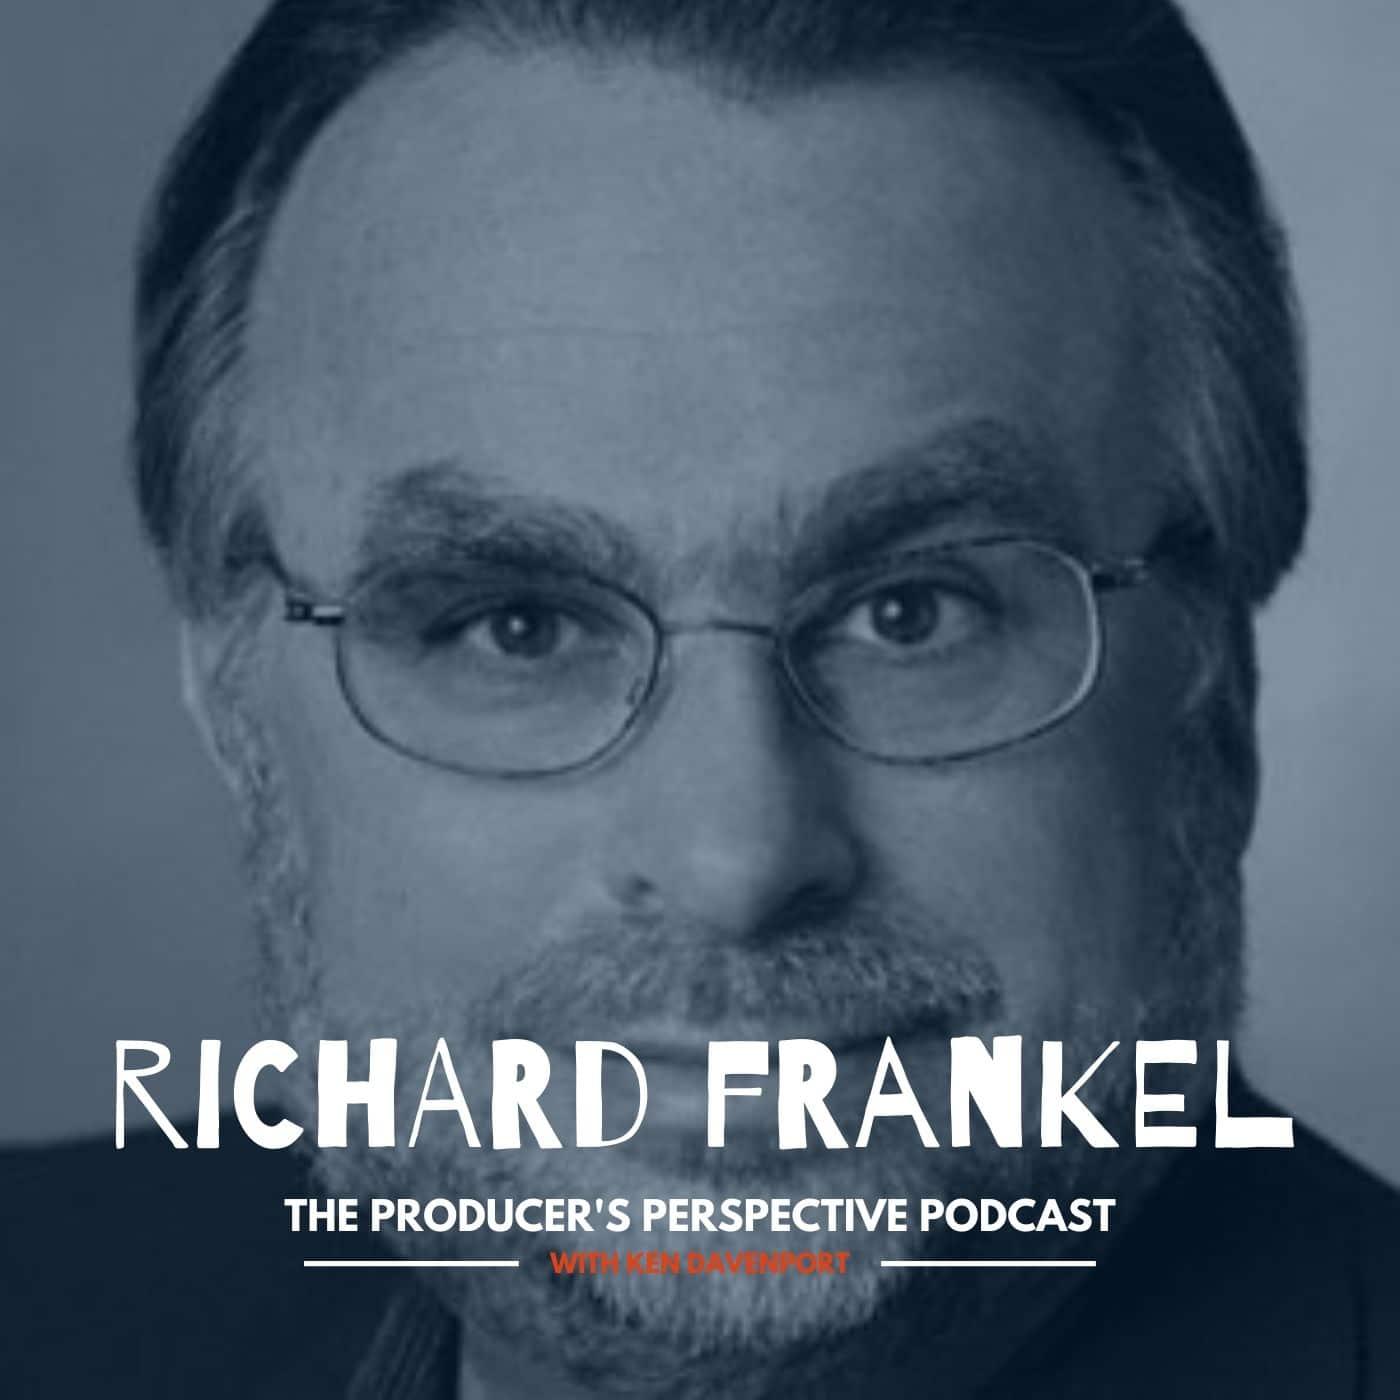 Ken Davenport's The Producer's Perspective Podcast Episode 87 - Richard Frankel